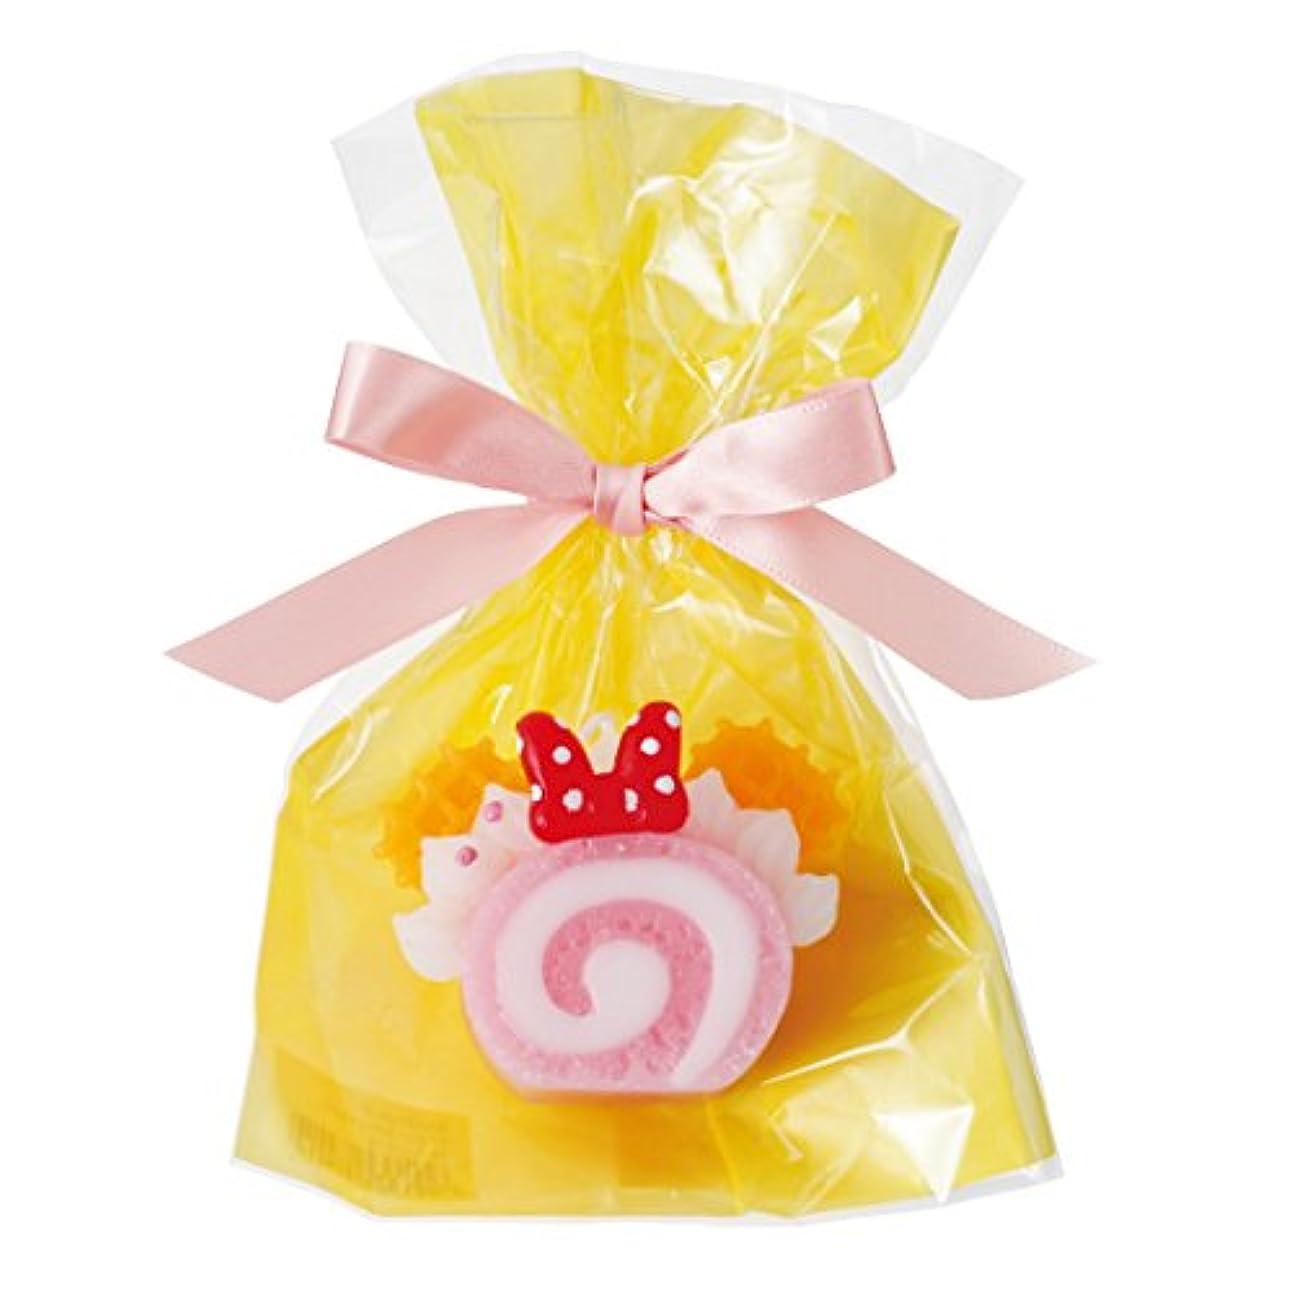 キャッシュビリー急ぐディズニースイーツキャンドル 「 ピンクロールケーキ 」